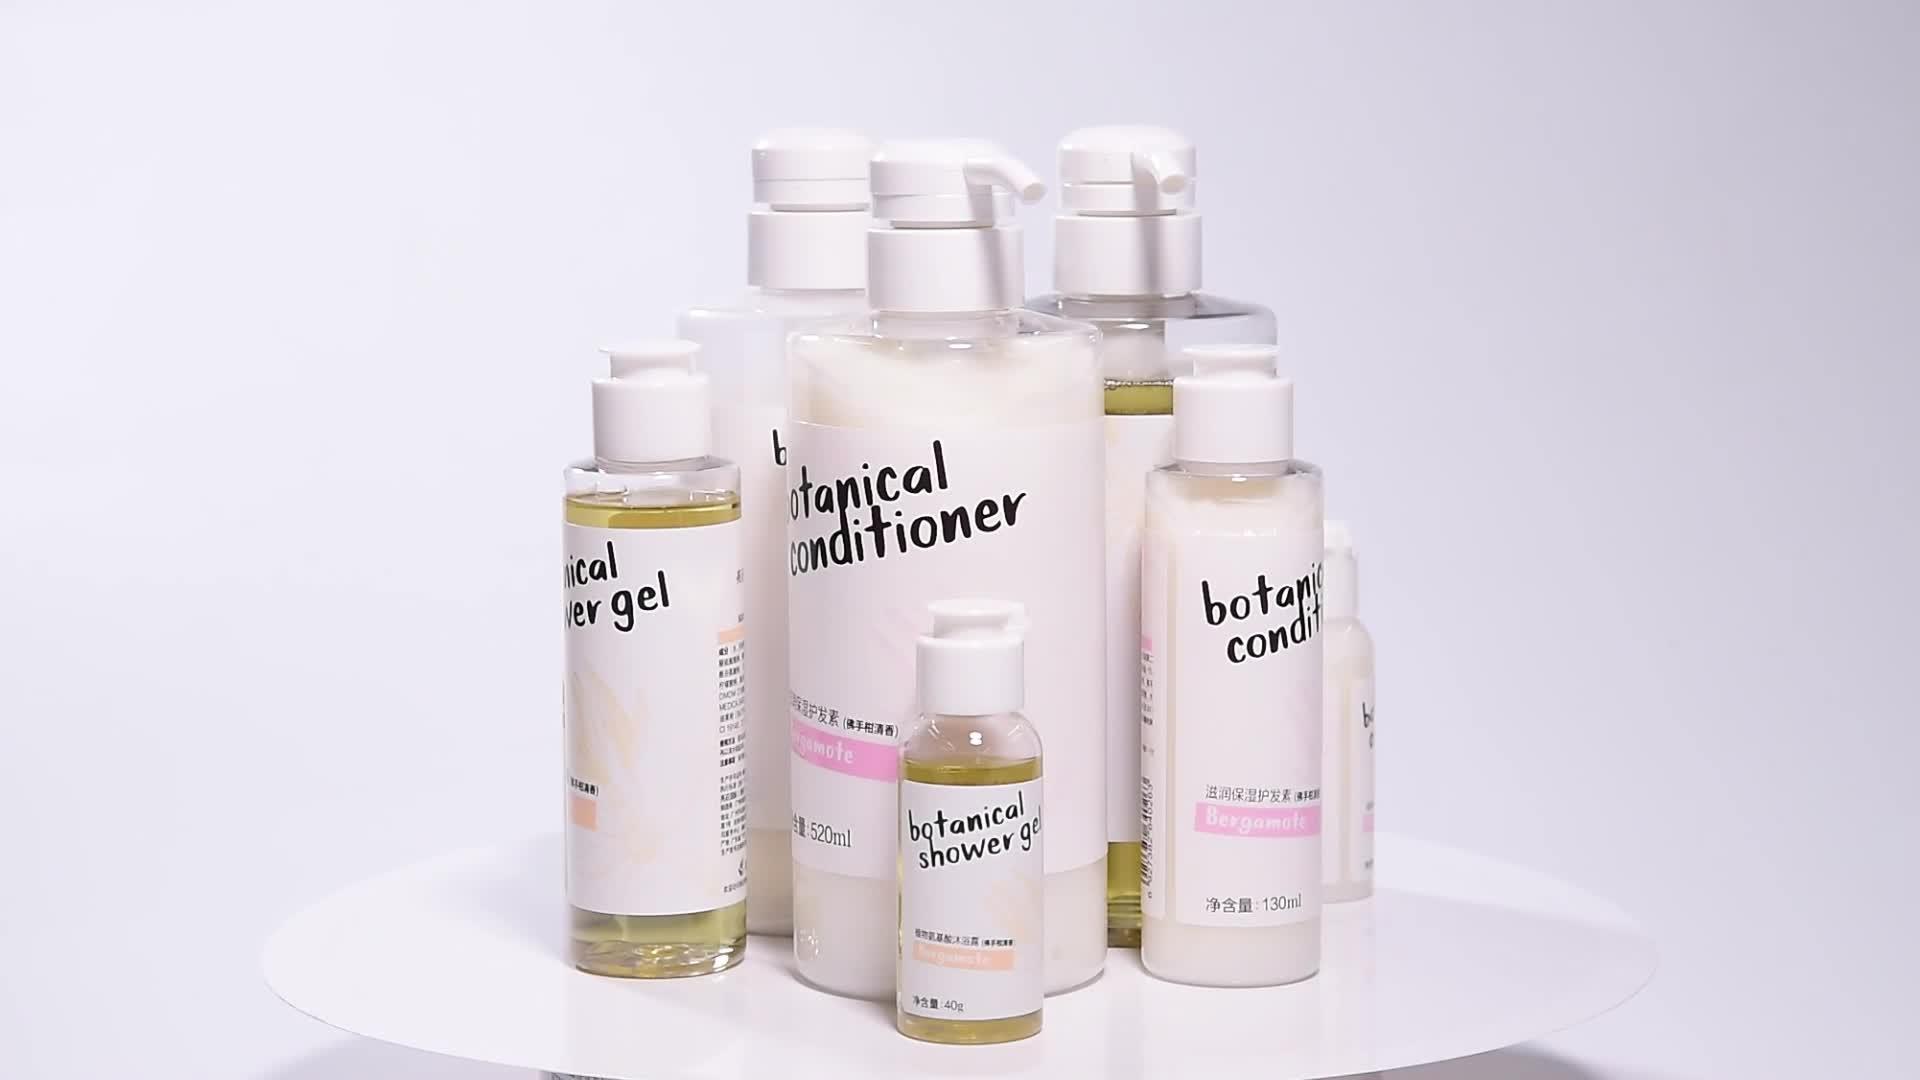 Rifornimento della fabbrica di Migliore Nominale A Buon Mercato Totalmente Naturale Shampoo Con Bergamotto Profumo Nutrire Le Radici Dei Capelli